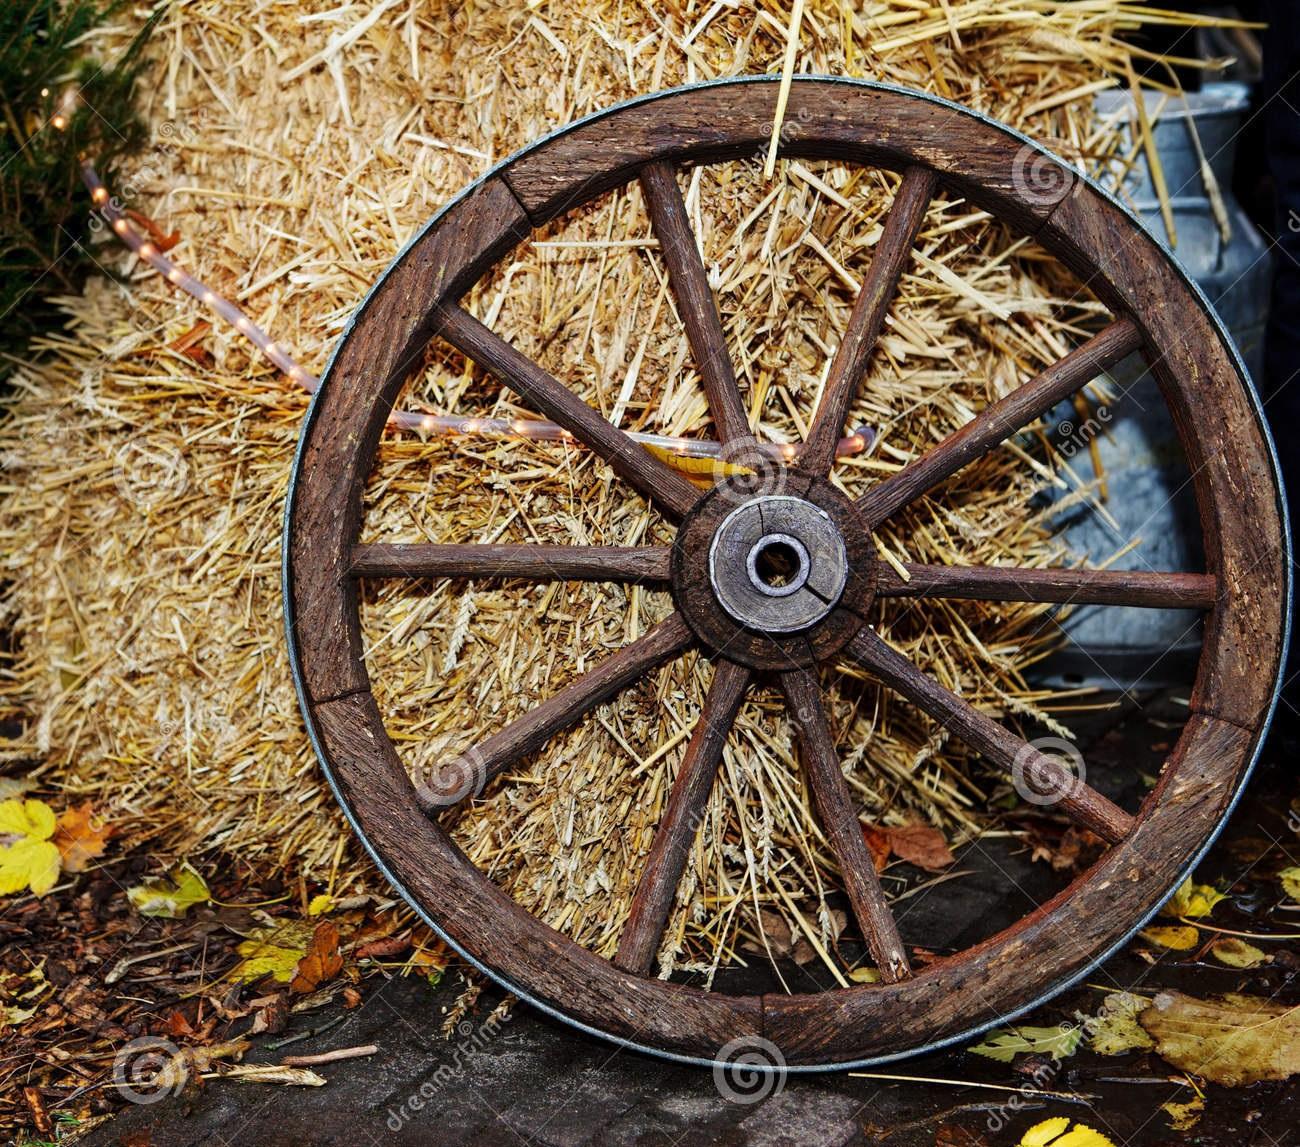 его картинка колесо и повозка выбор кофейных